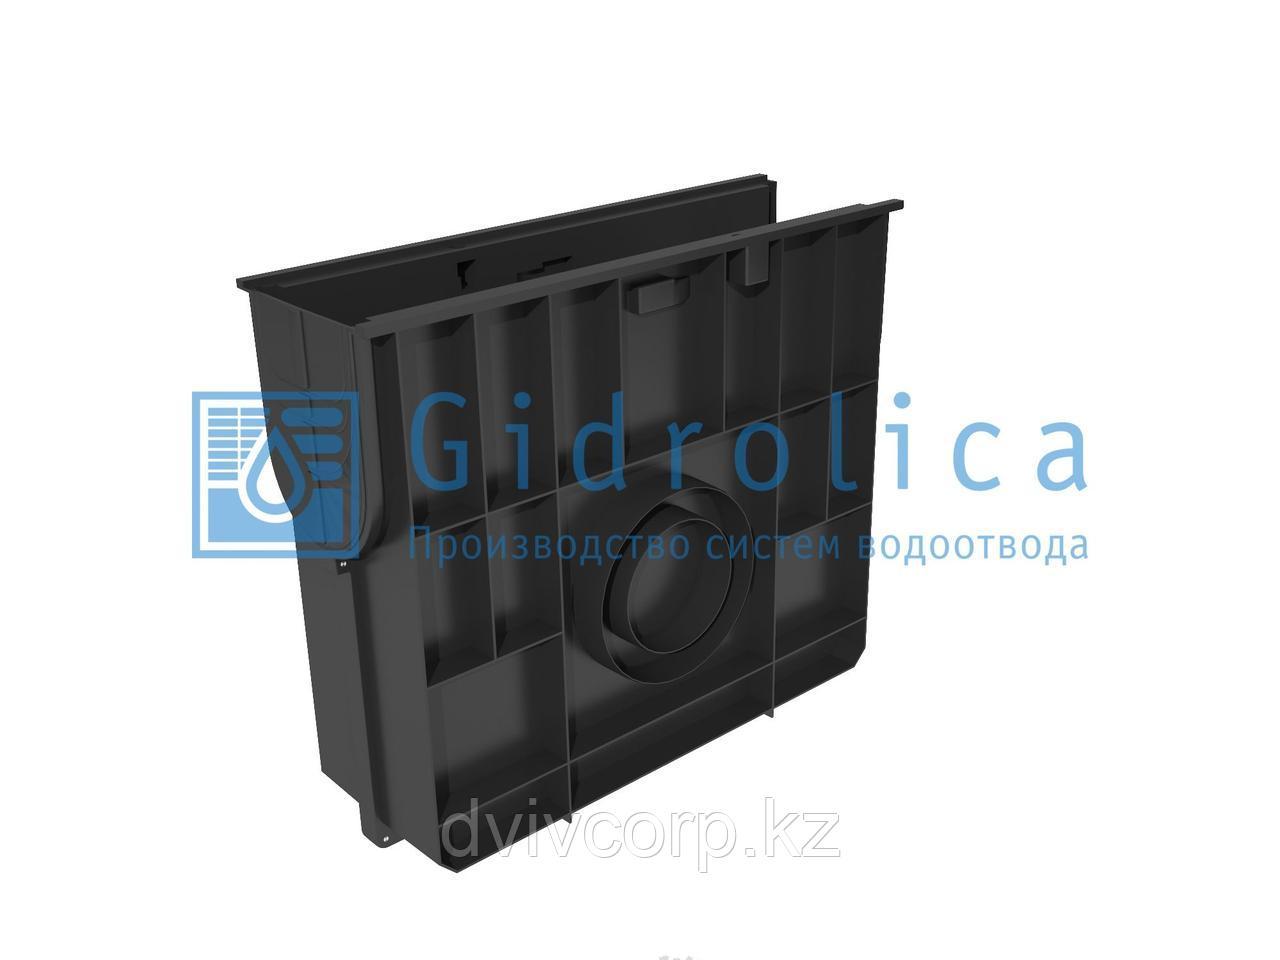 Пескоуловитель Gidrolica Standart ПУ-10.16.42 - пластиковый